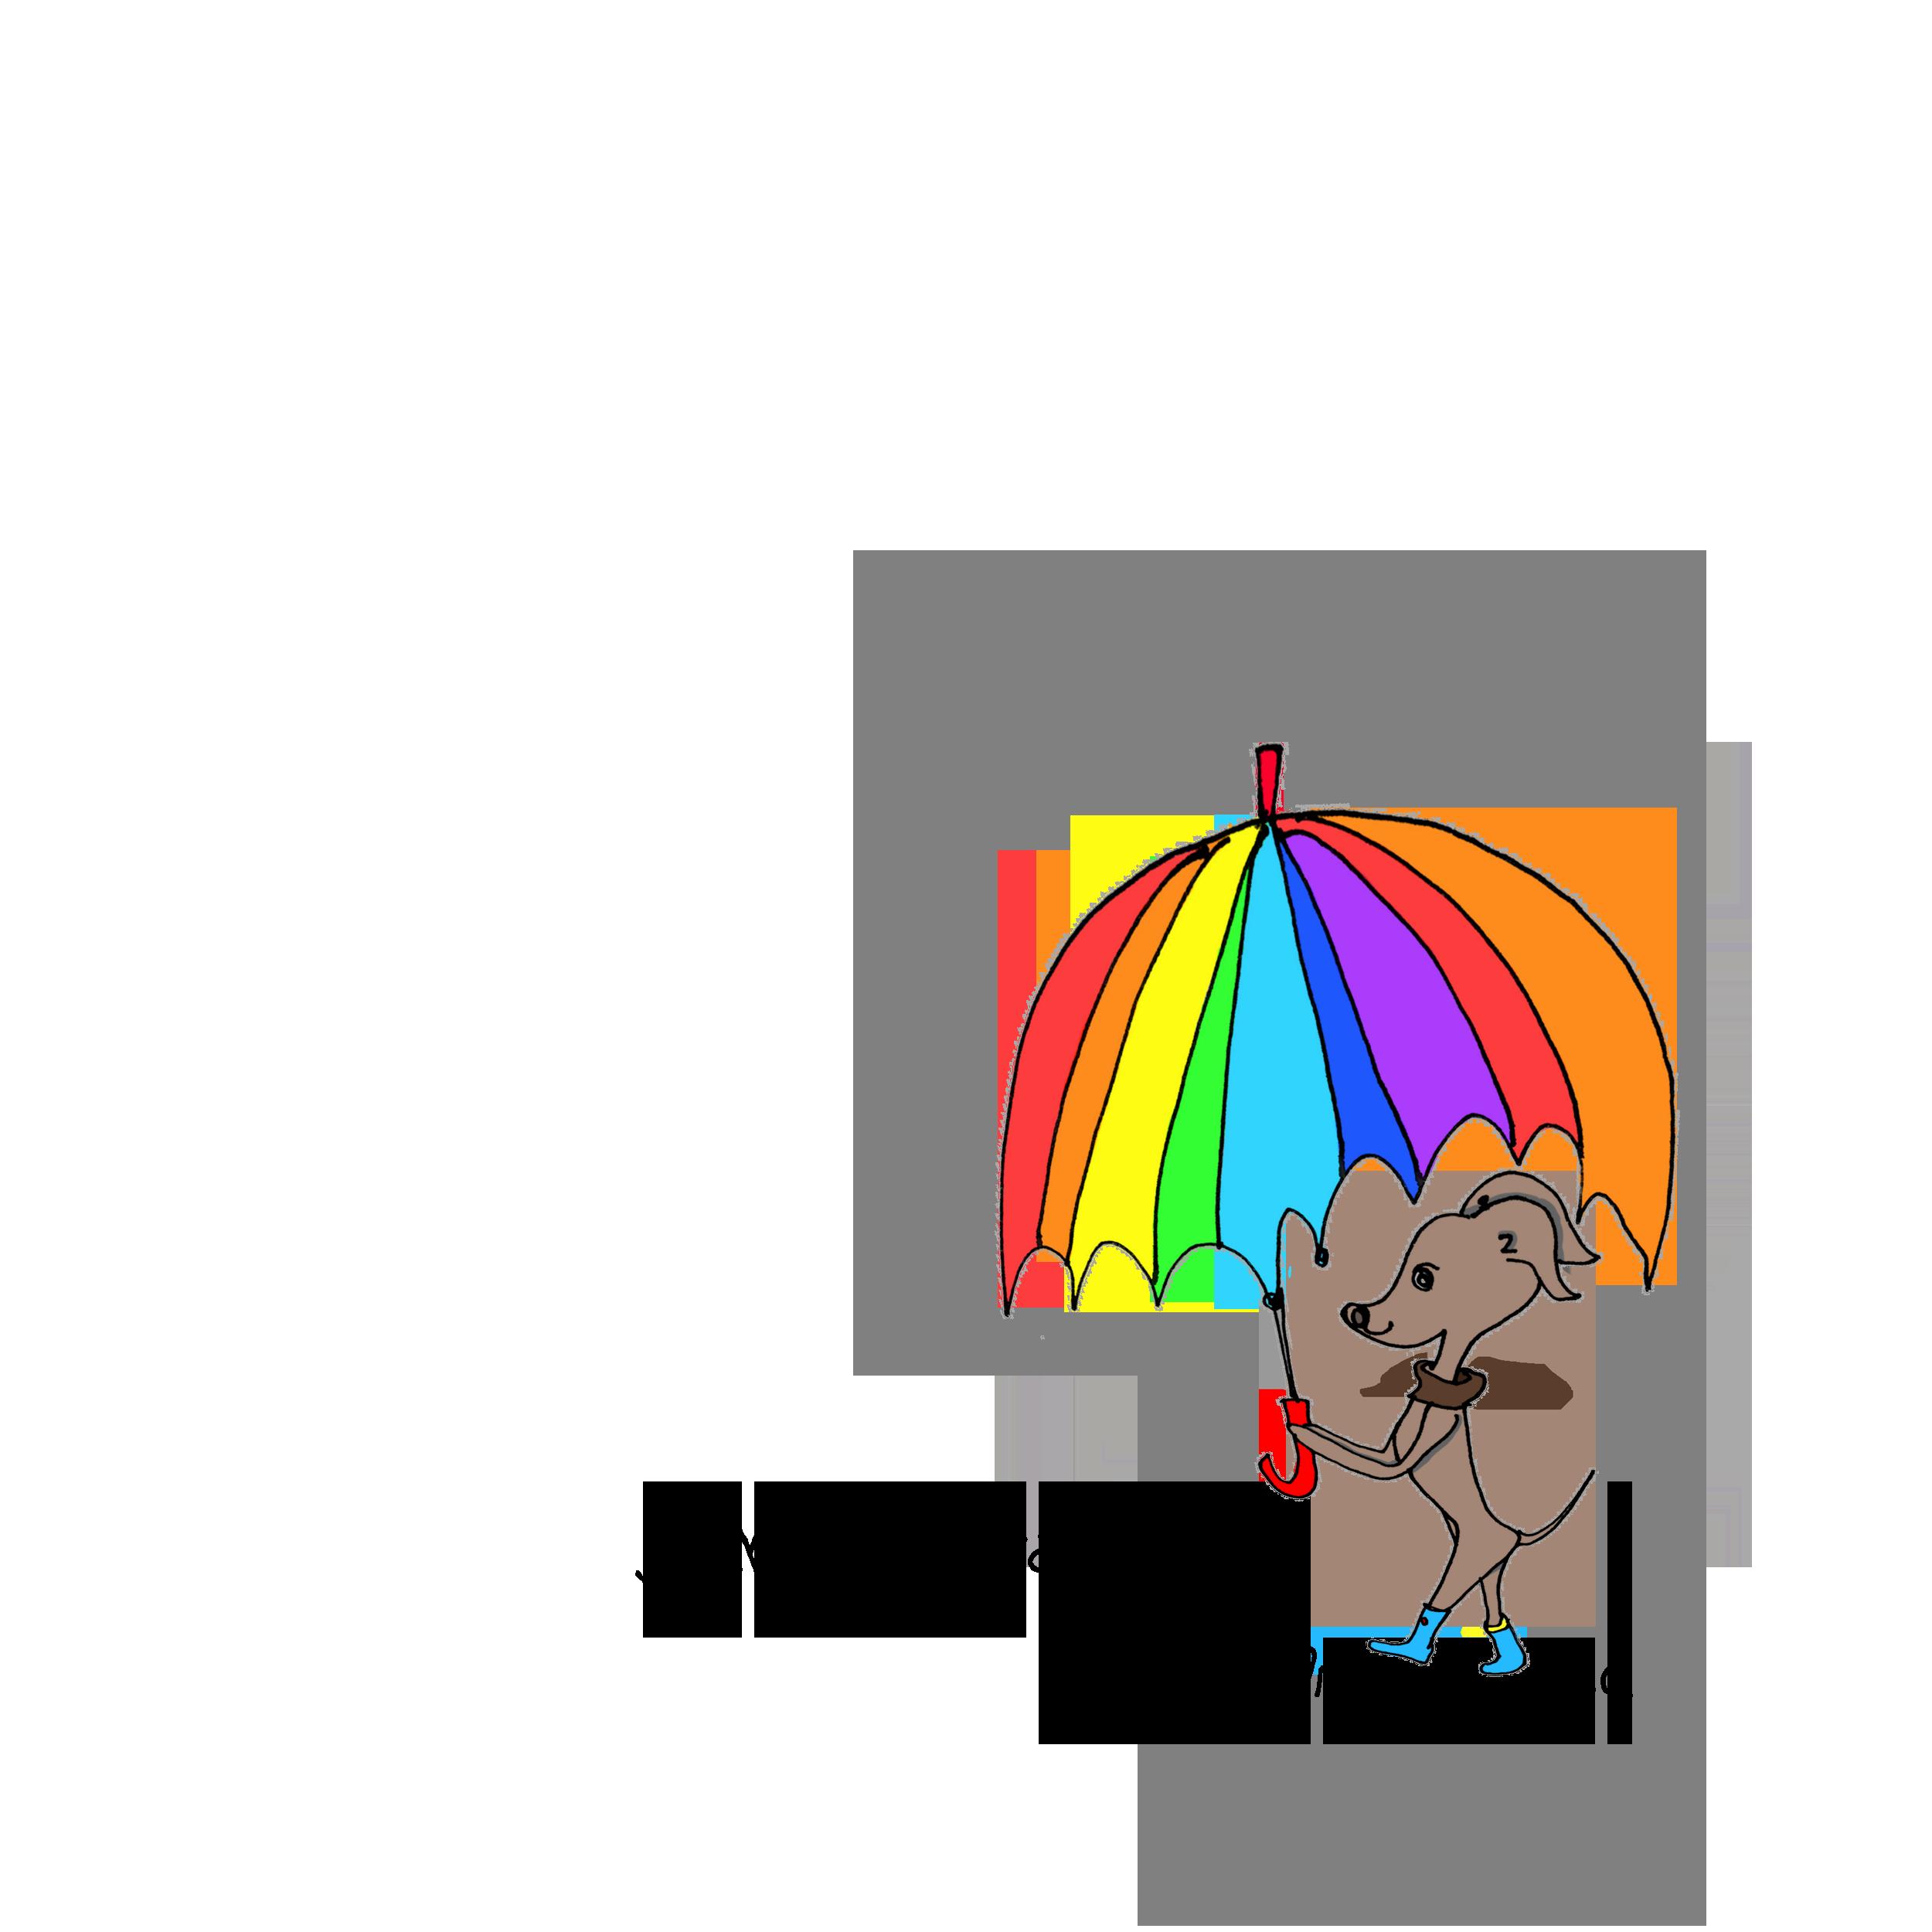 Walk in the rainy Italiangreyhound「YOSHIE.KUROIWA」